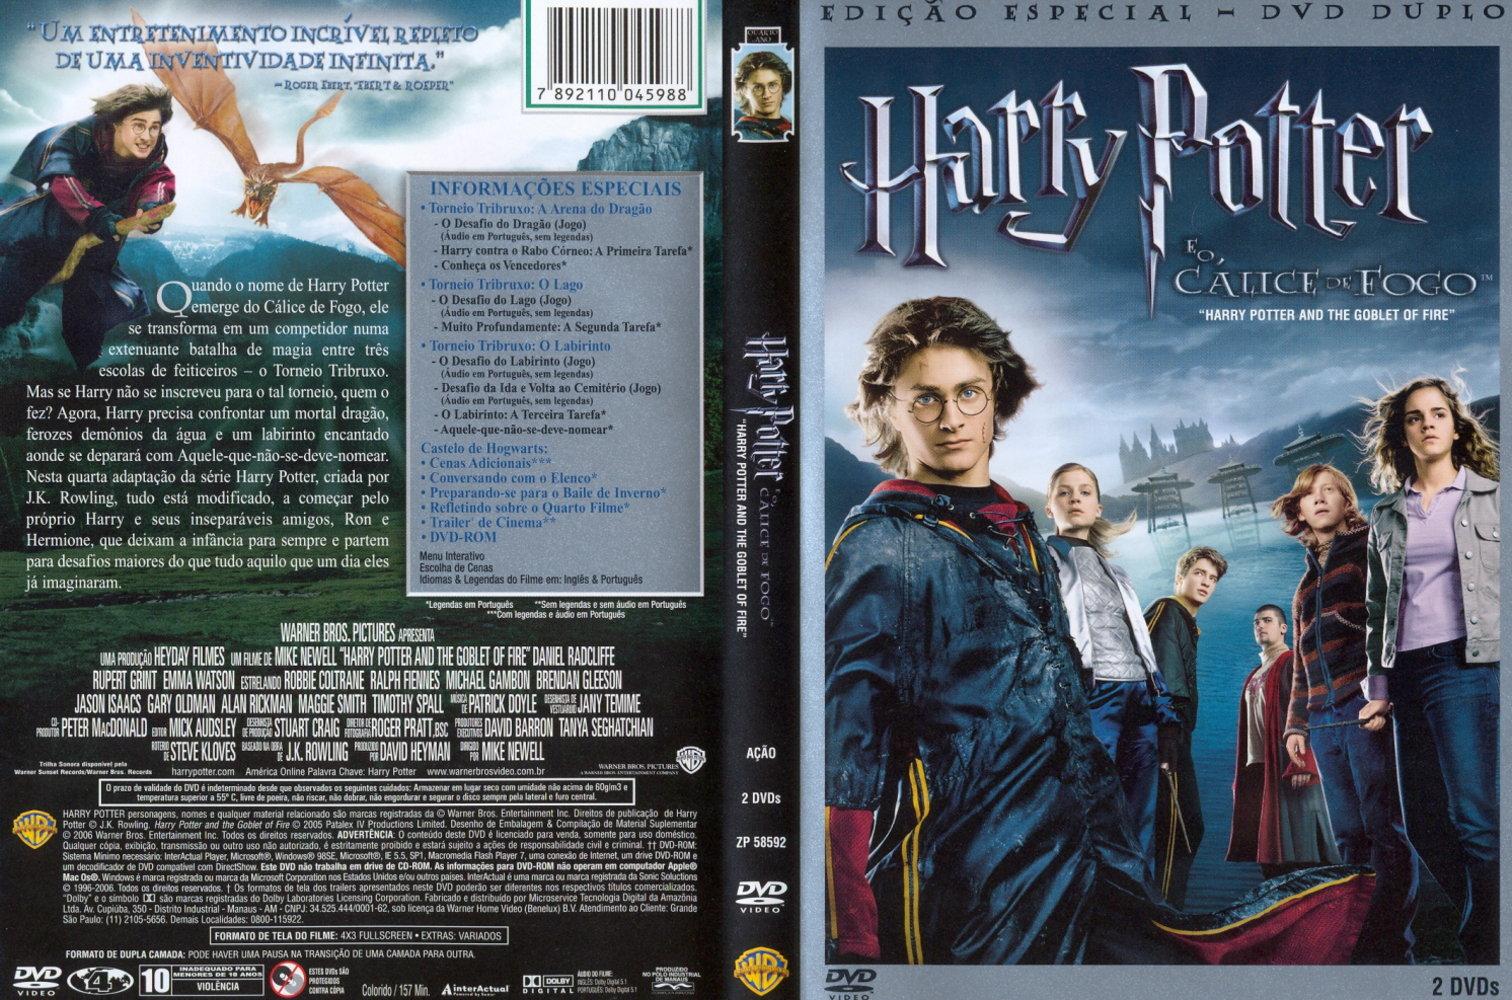 http://2.bp.blogspot.com/_BEIr9MzXAF0/S95vxLOZQZI/AAAAAAAAAPI/QICjVY7YdhE/s1600/Harry+Potter+e+o+Calice+de+Fogo+4.jpg